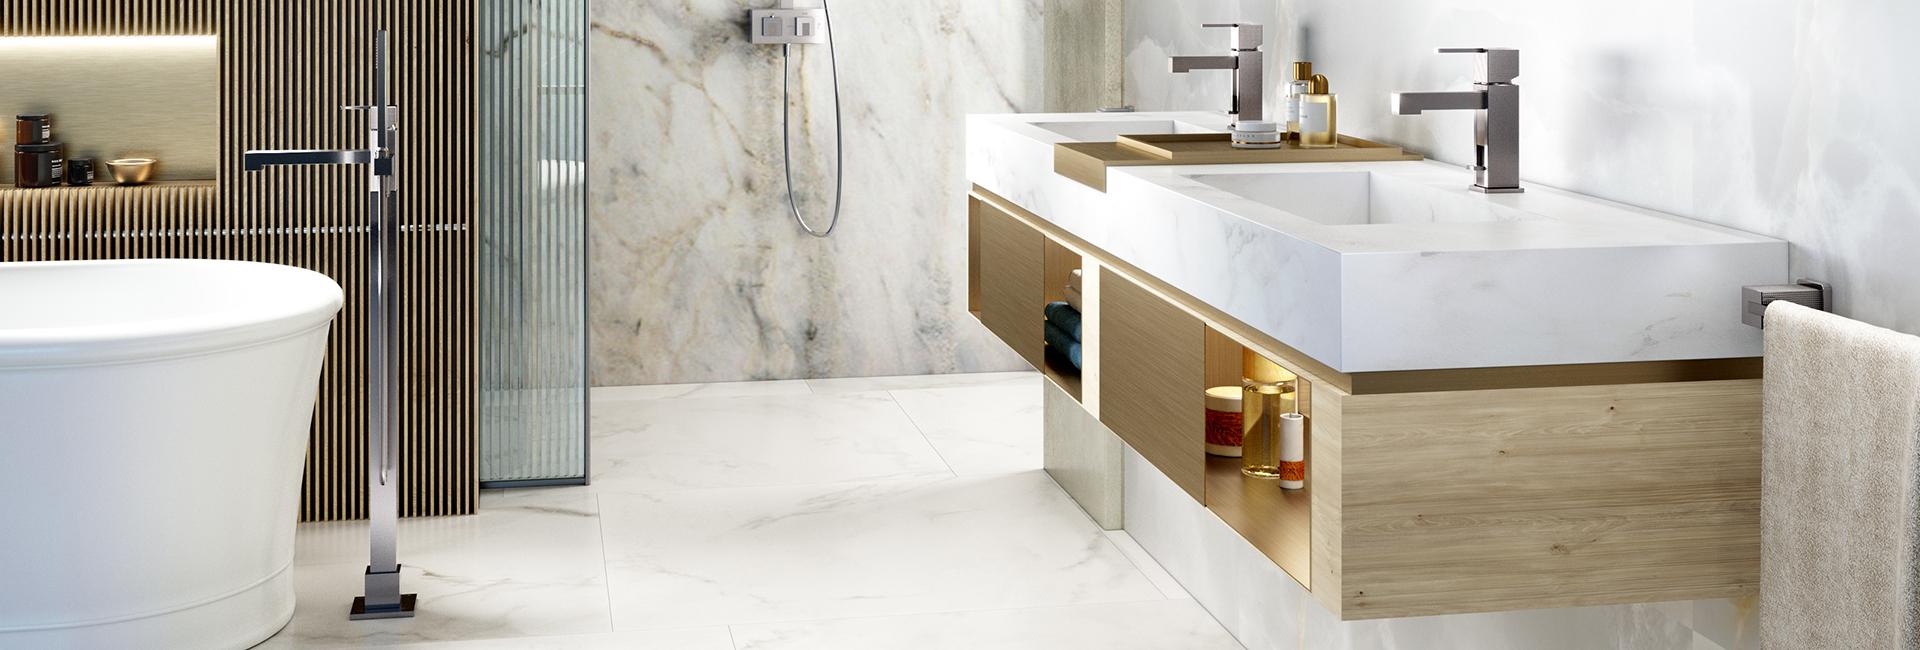 (image) salle de bain équipée de robinetteries Myriad